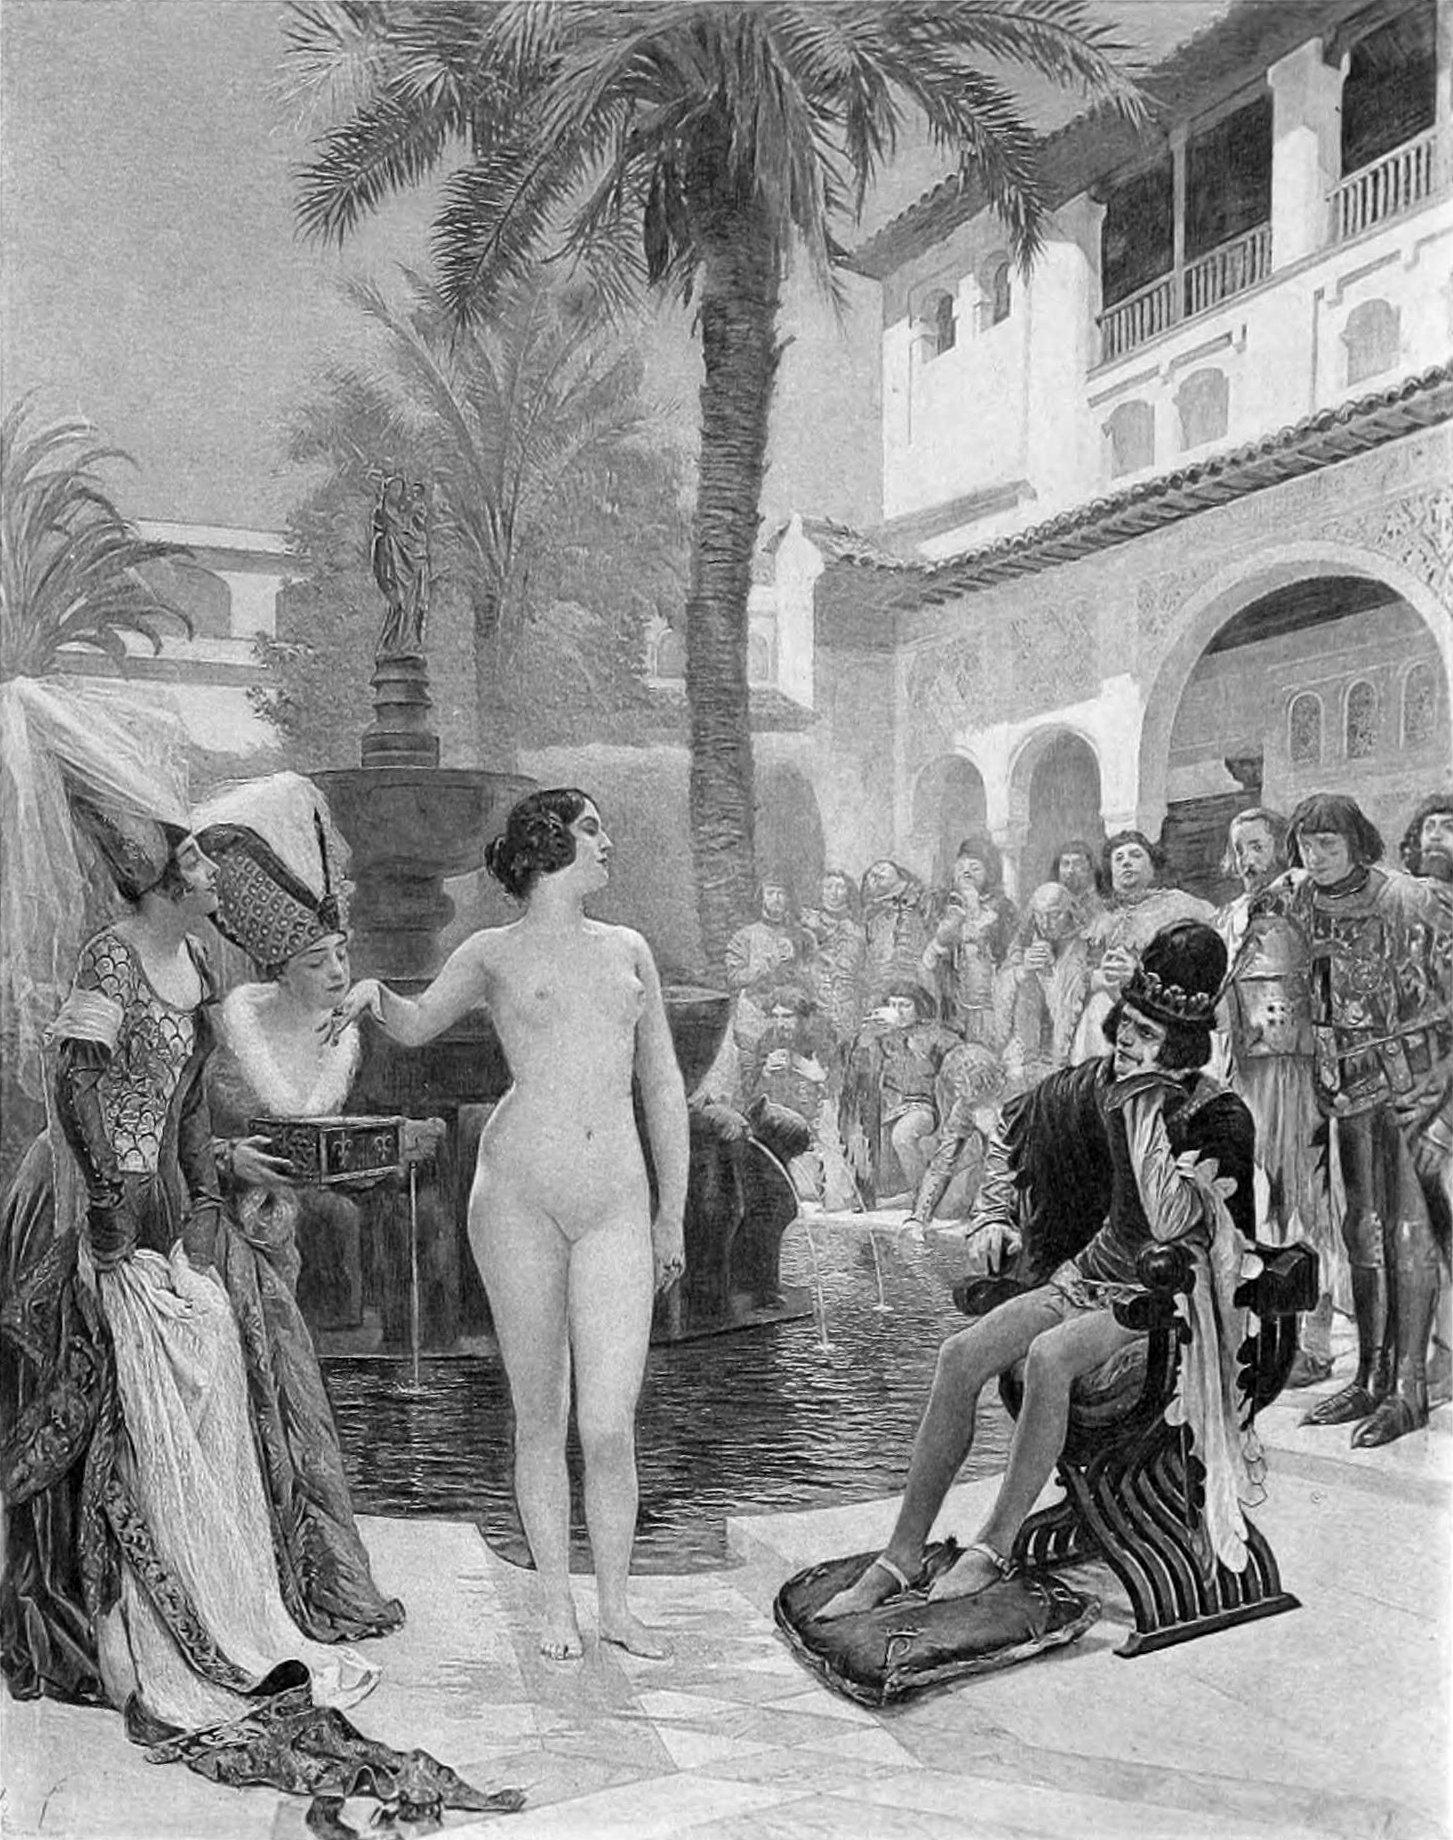 María Padilla, desnuda en el Alcázar de Sevilla frente a Pedro I